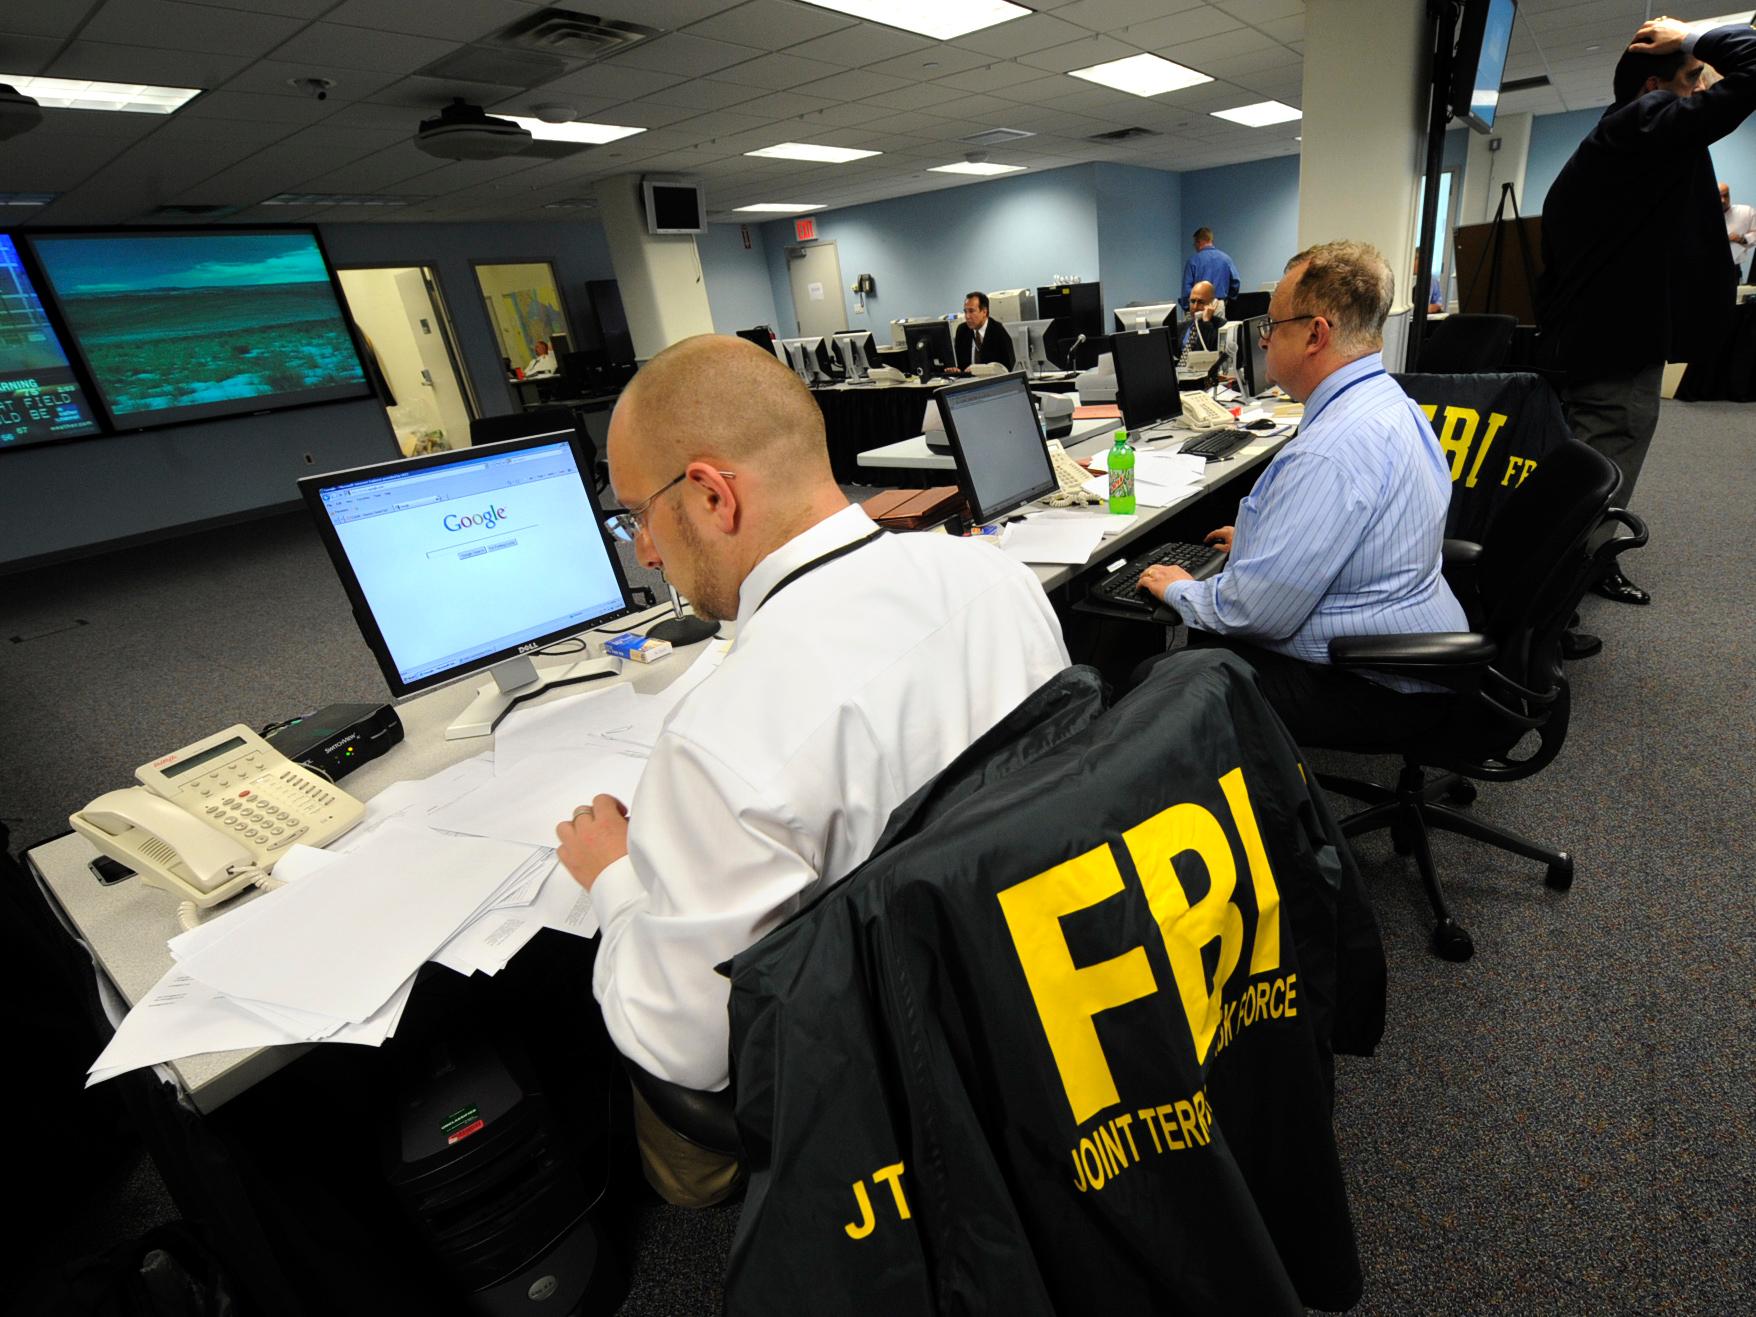 СМИ в конгрессе выявили нарушения в расследовании ФБР по делу Клинтон